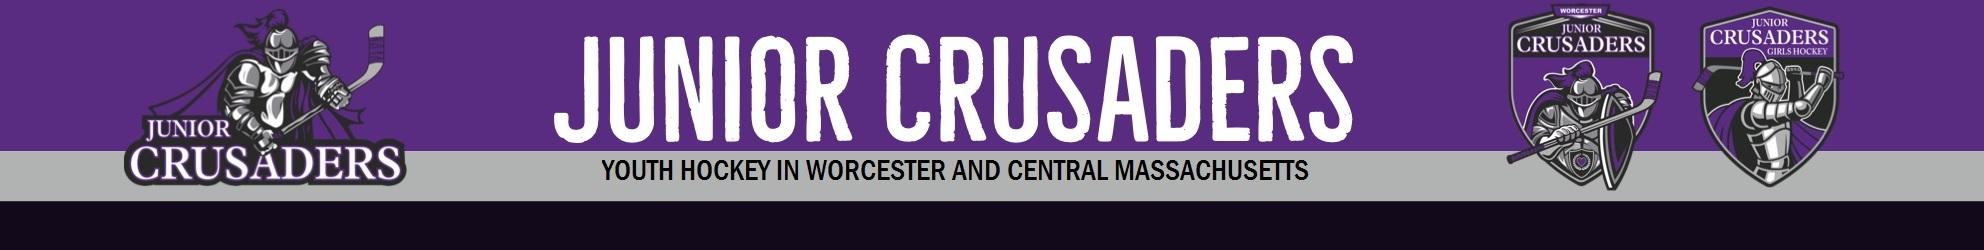 Junior Crusaders Youth Hockey, Ice Hockey, Pass -Shoot -Score!, Local Arena